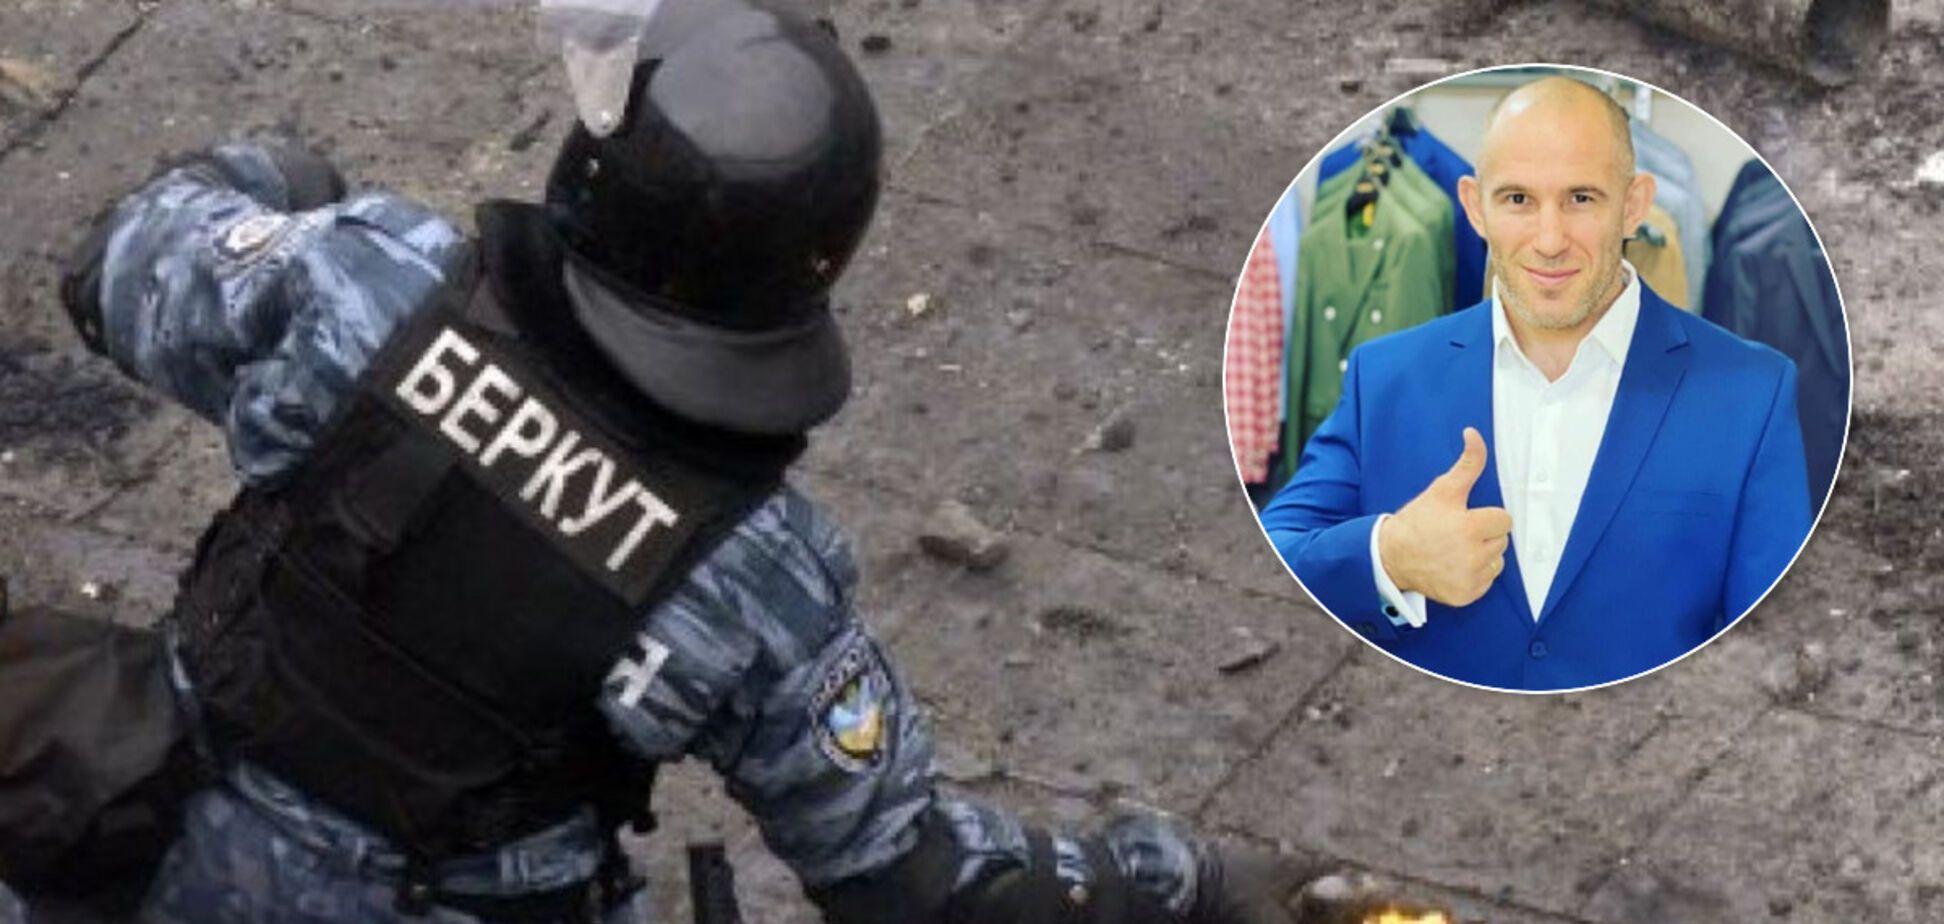 Харьковский боец ММА пожалел, что 'Беркут' на Майдане не 'перекосил это стадо'